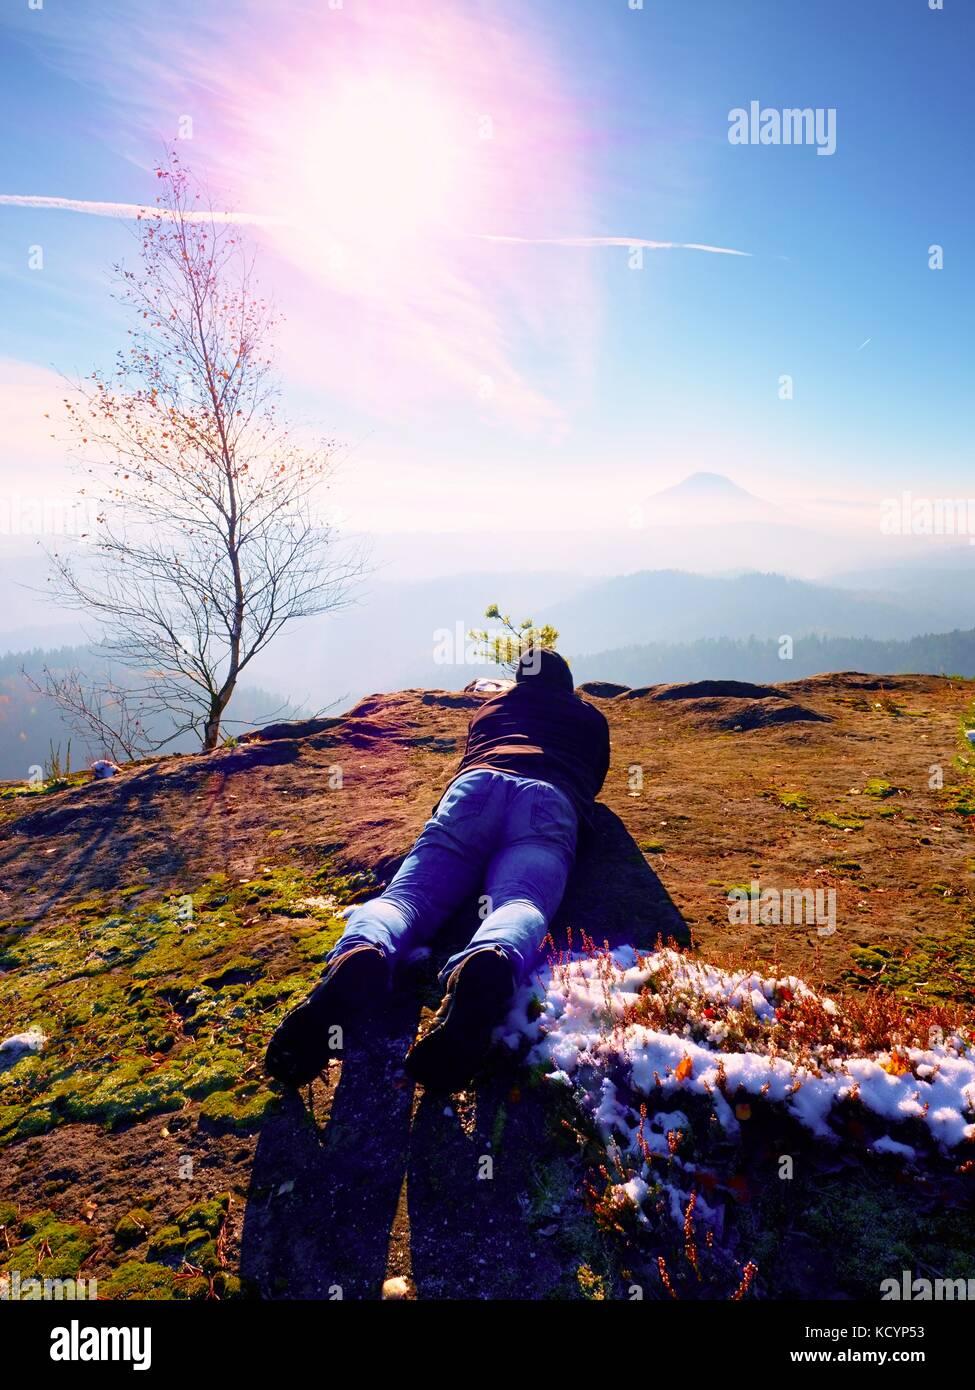 Mann legt und unter Foto von Spiegel Kamera am Hals. Snowy felsigen Gipfel des Berges. professioneller Fotograf Stockbild